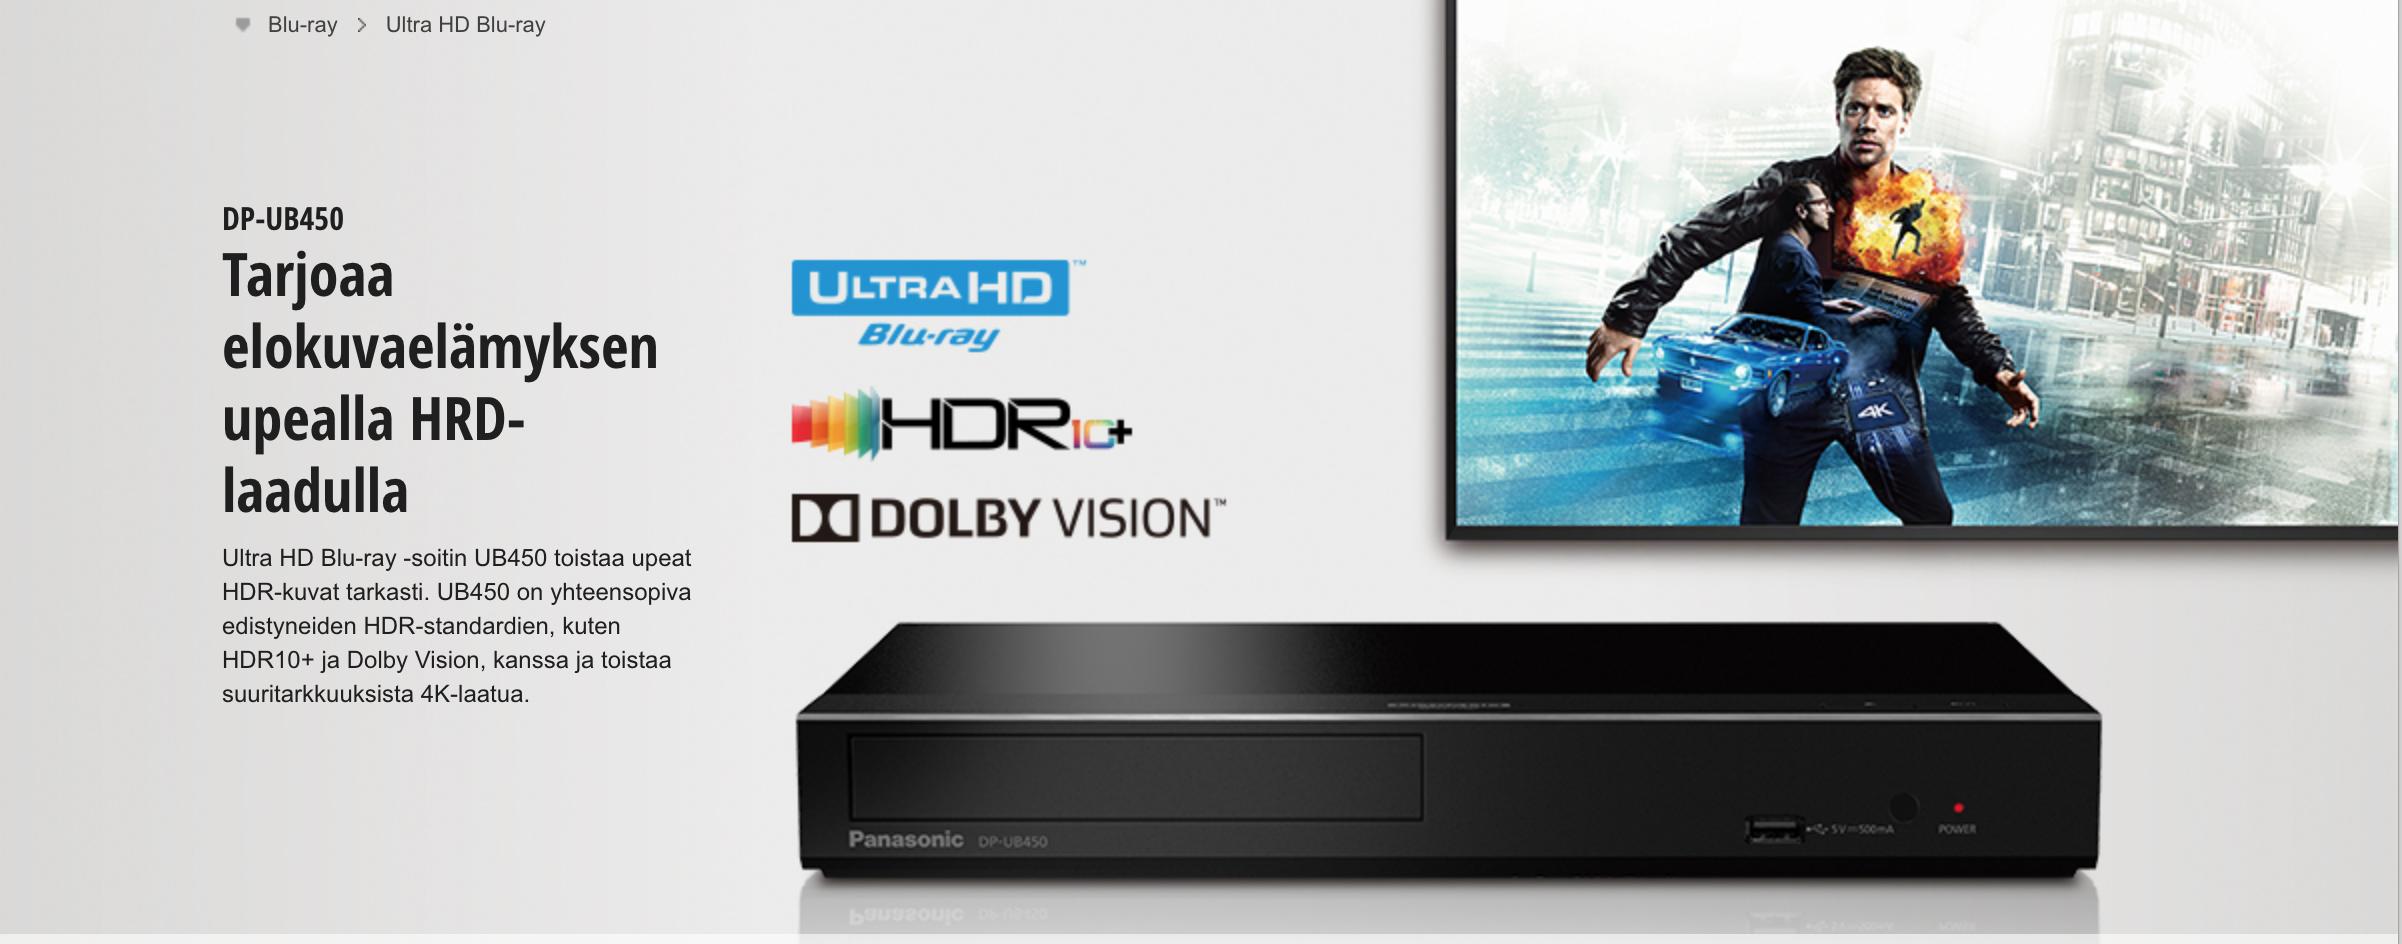 Panasonic DP-UB450 Smart Ultra HD Blu-ray -soitin panasonic.fi